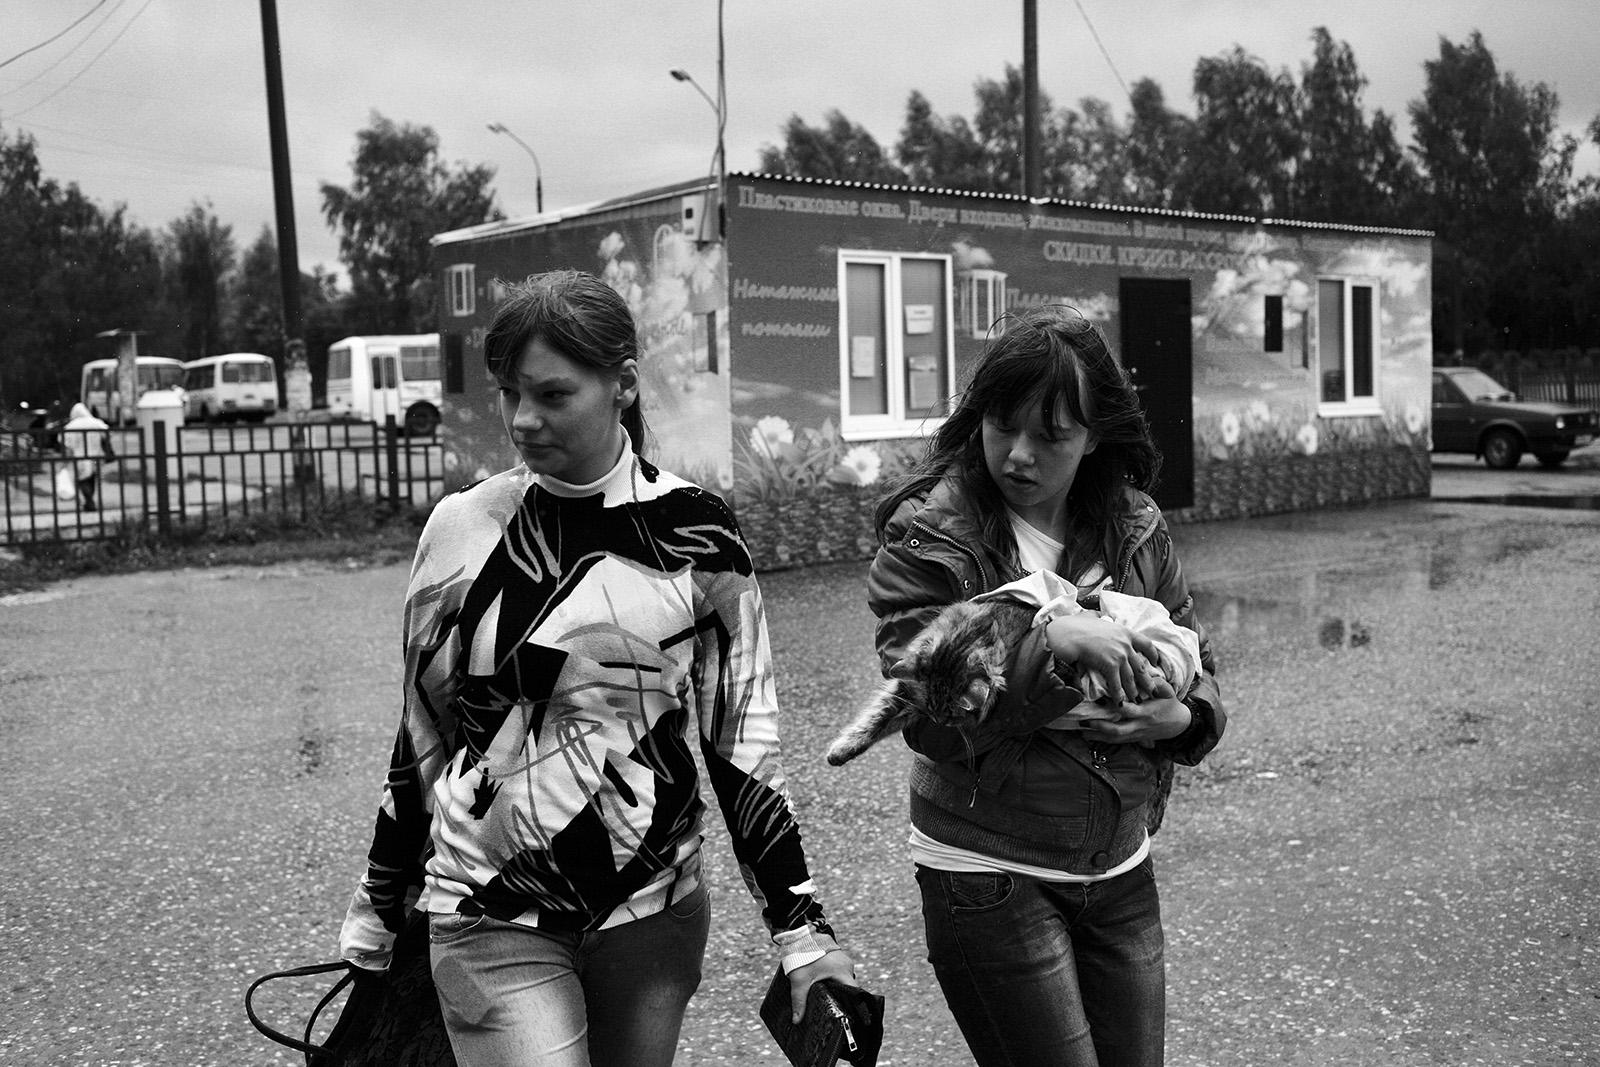 Чкаловск, Нижегородская область | Chkalovsk, Nizhny Novgorod region, 2013. Девочки несут мертвую кошку.